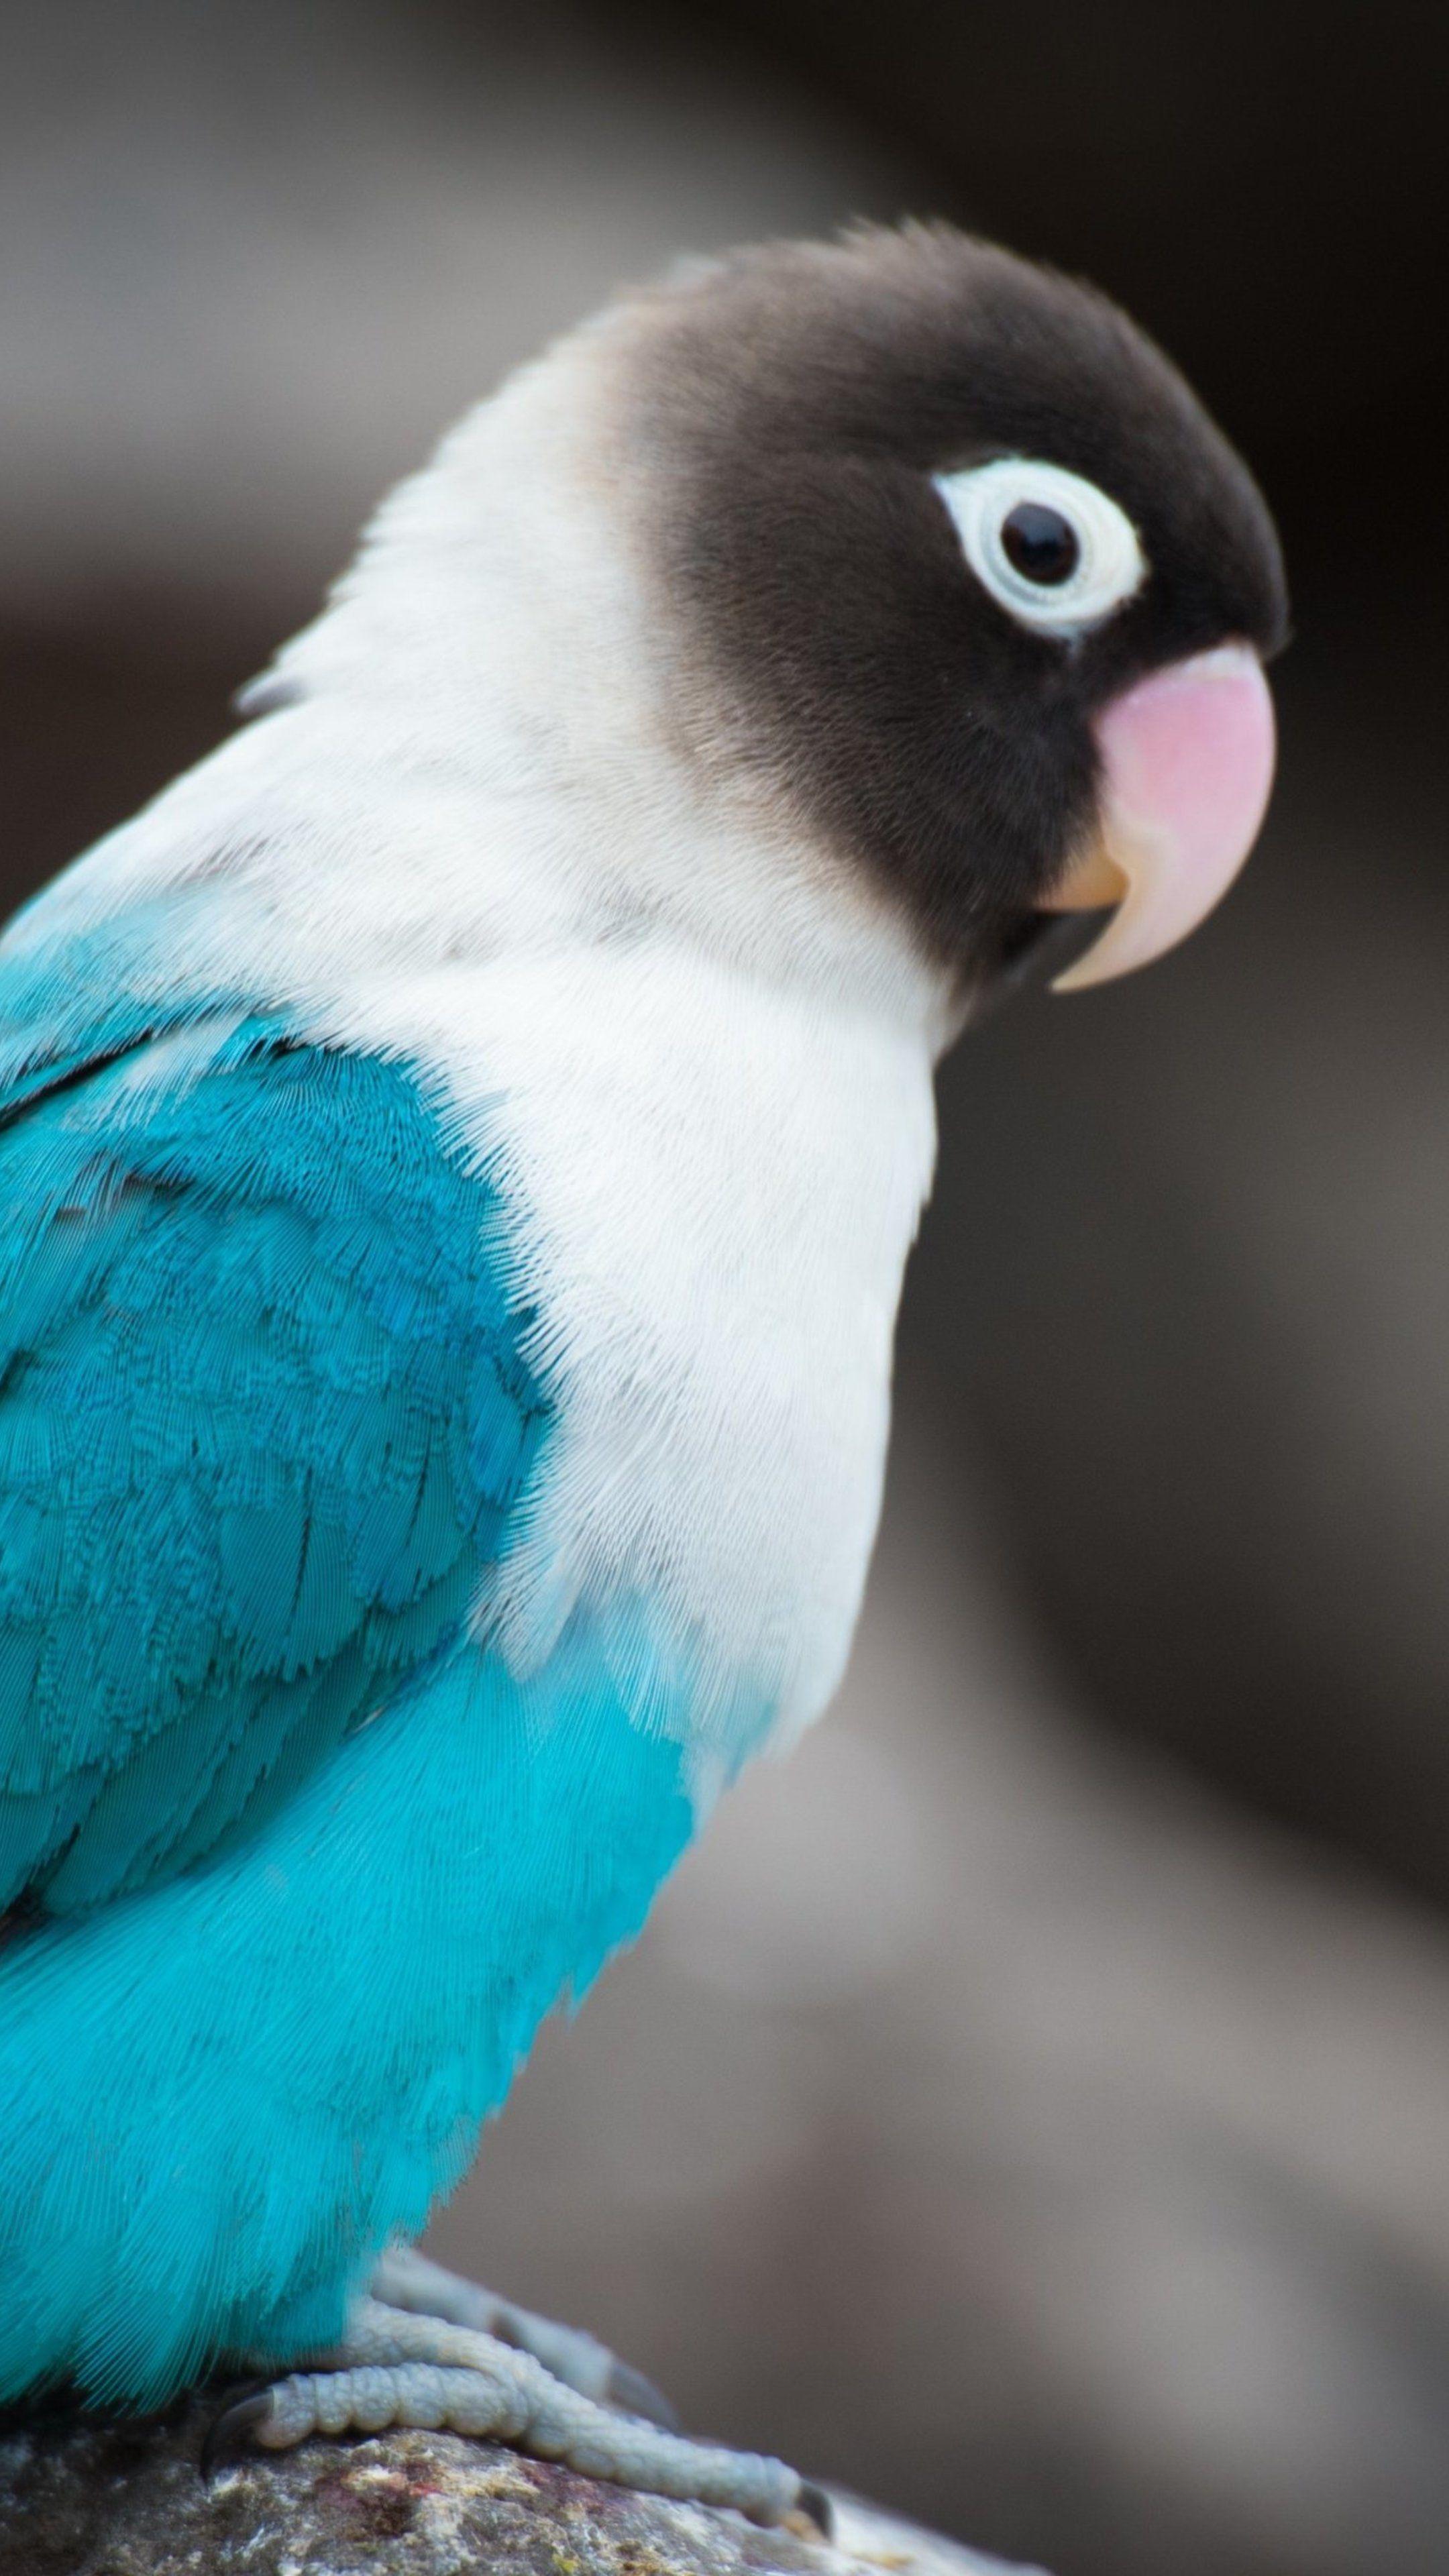 Animals Love Bird Wallpapers In 2020 Pet Birds Beautiful Birds Animals Beautiful